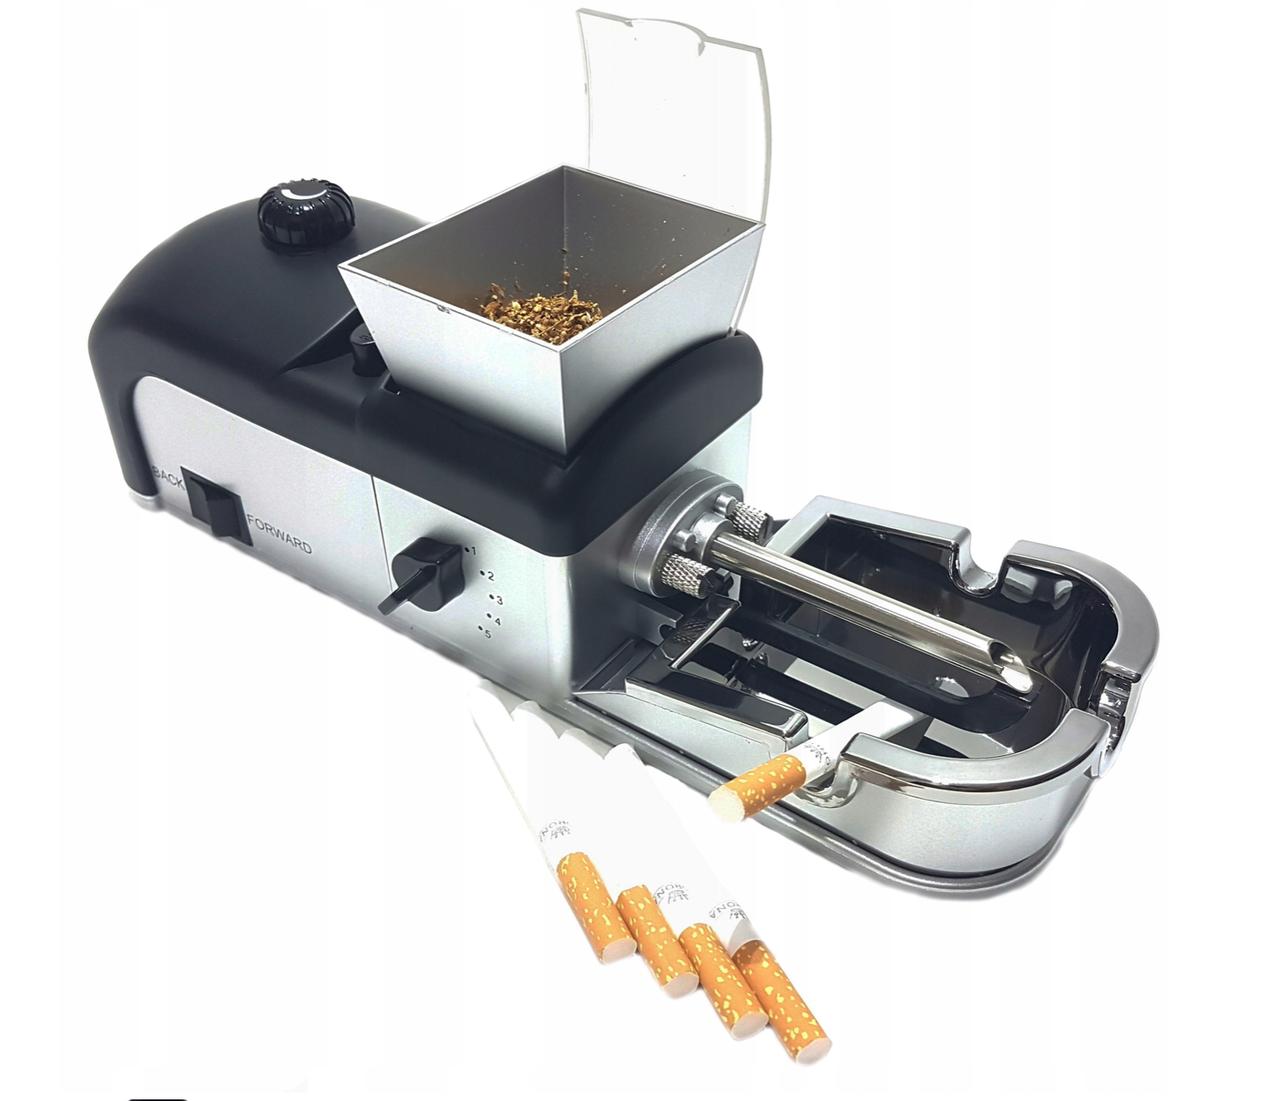 Машинка для сигарет купить в иваново купить электронные сигареты в новошахтинске